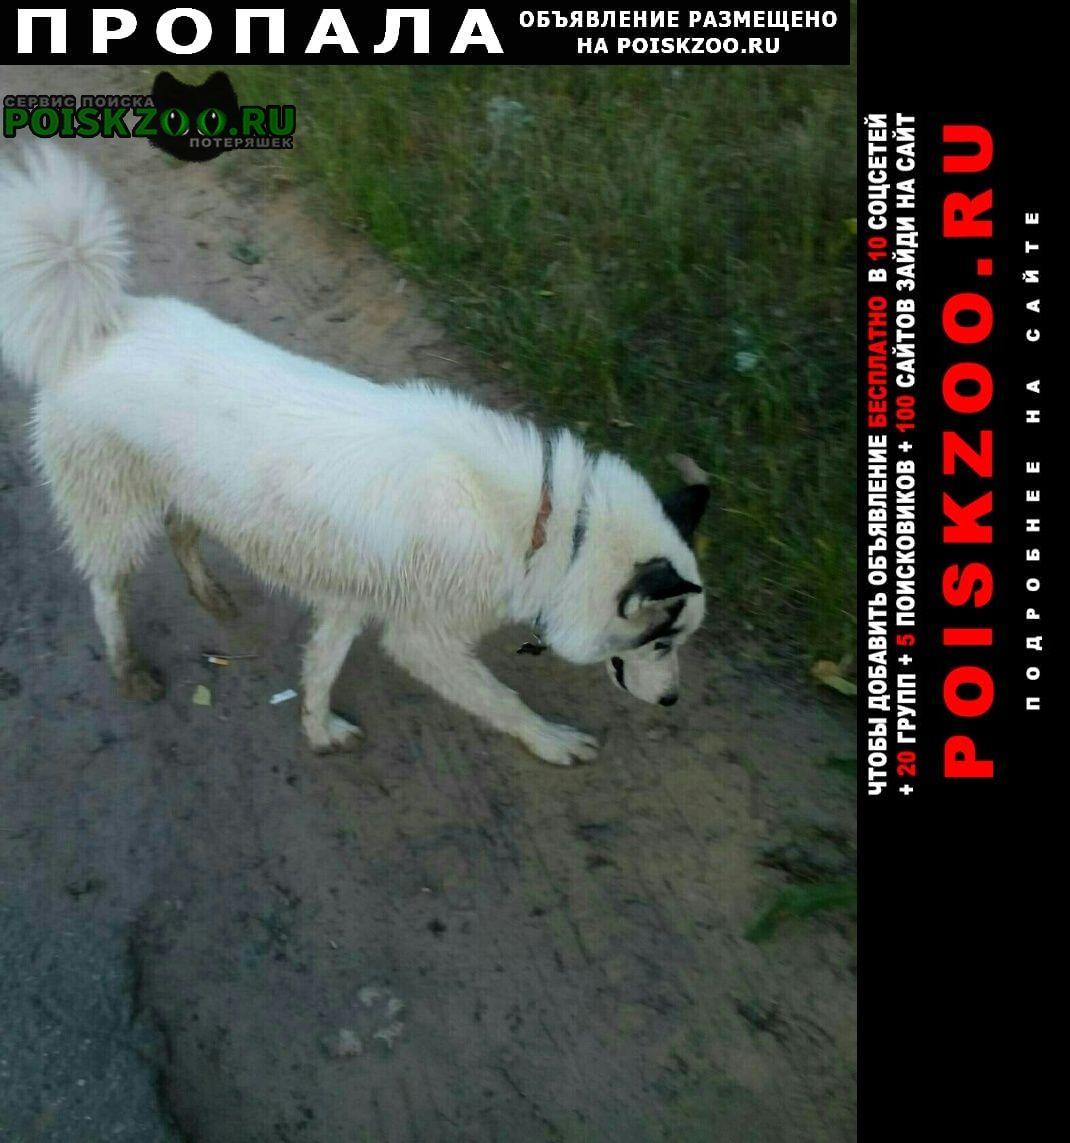 Пропала собака хаски в 2019 году Нижний Новгород